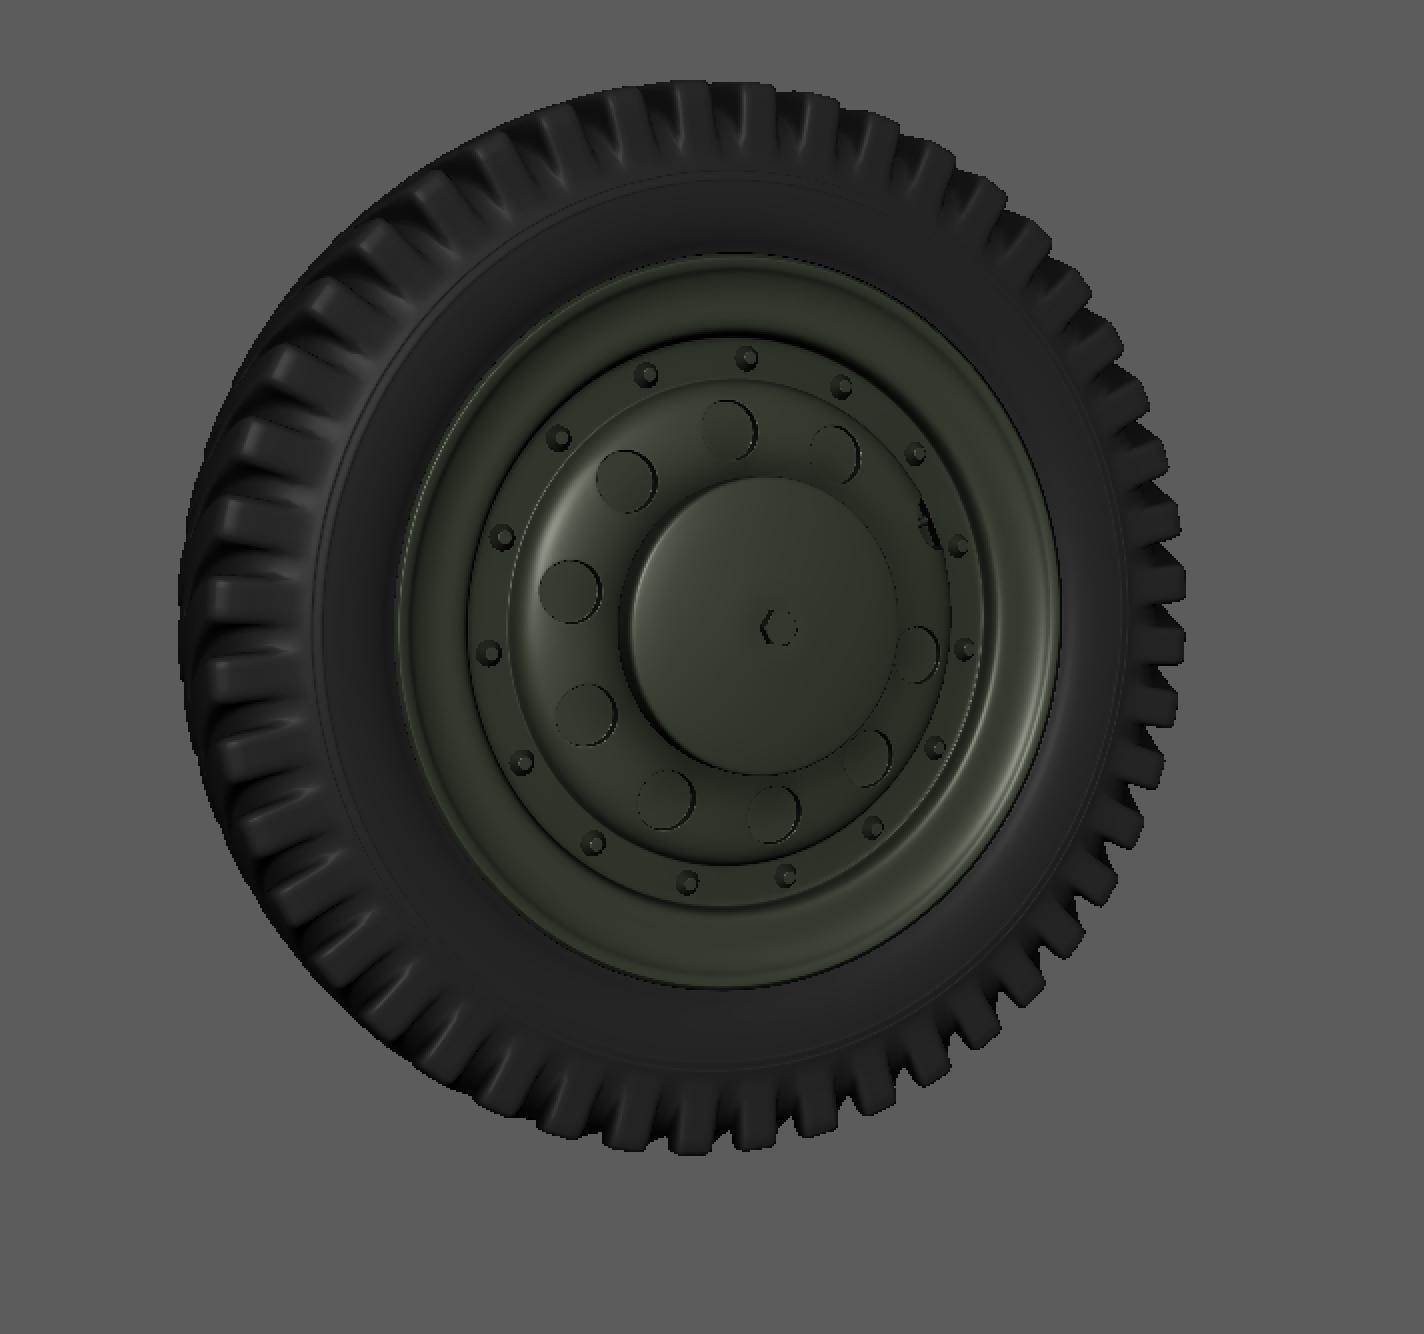 Early Ford Spoke Wheel & Tire